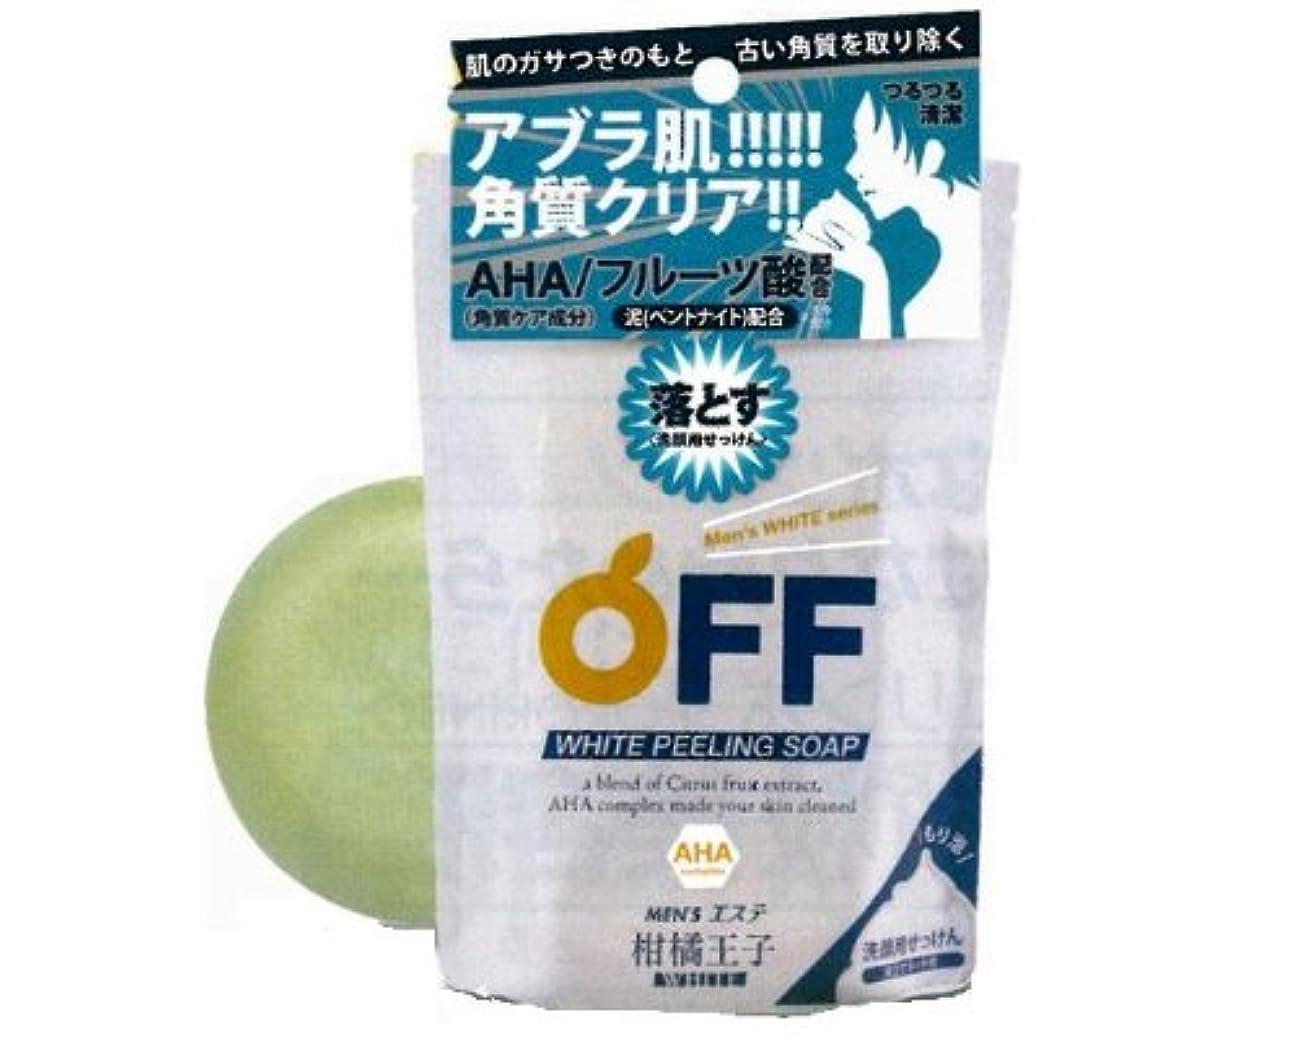 酸素観察する手錠柑橘王子 Wピーリングソープ